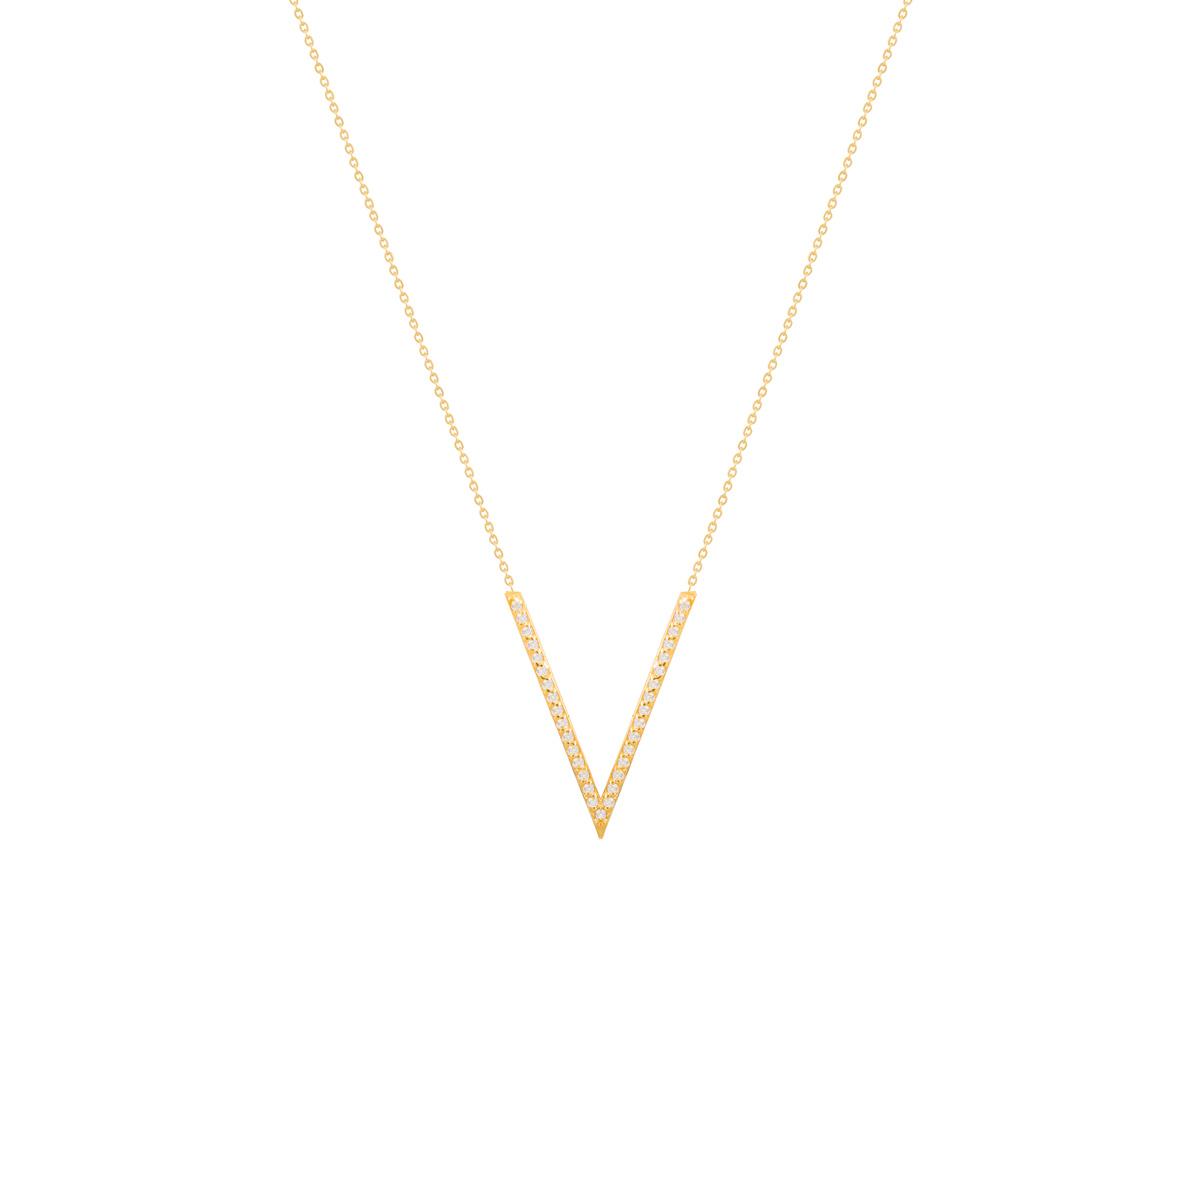 گردنبند طلا دو خط نگین دار |parasteh